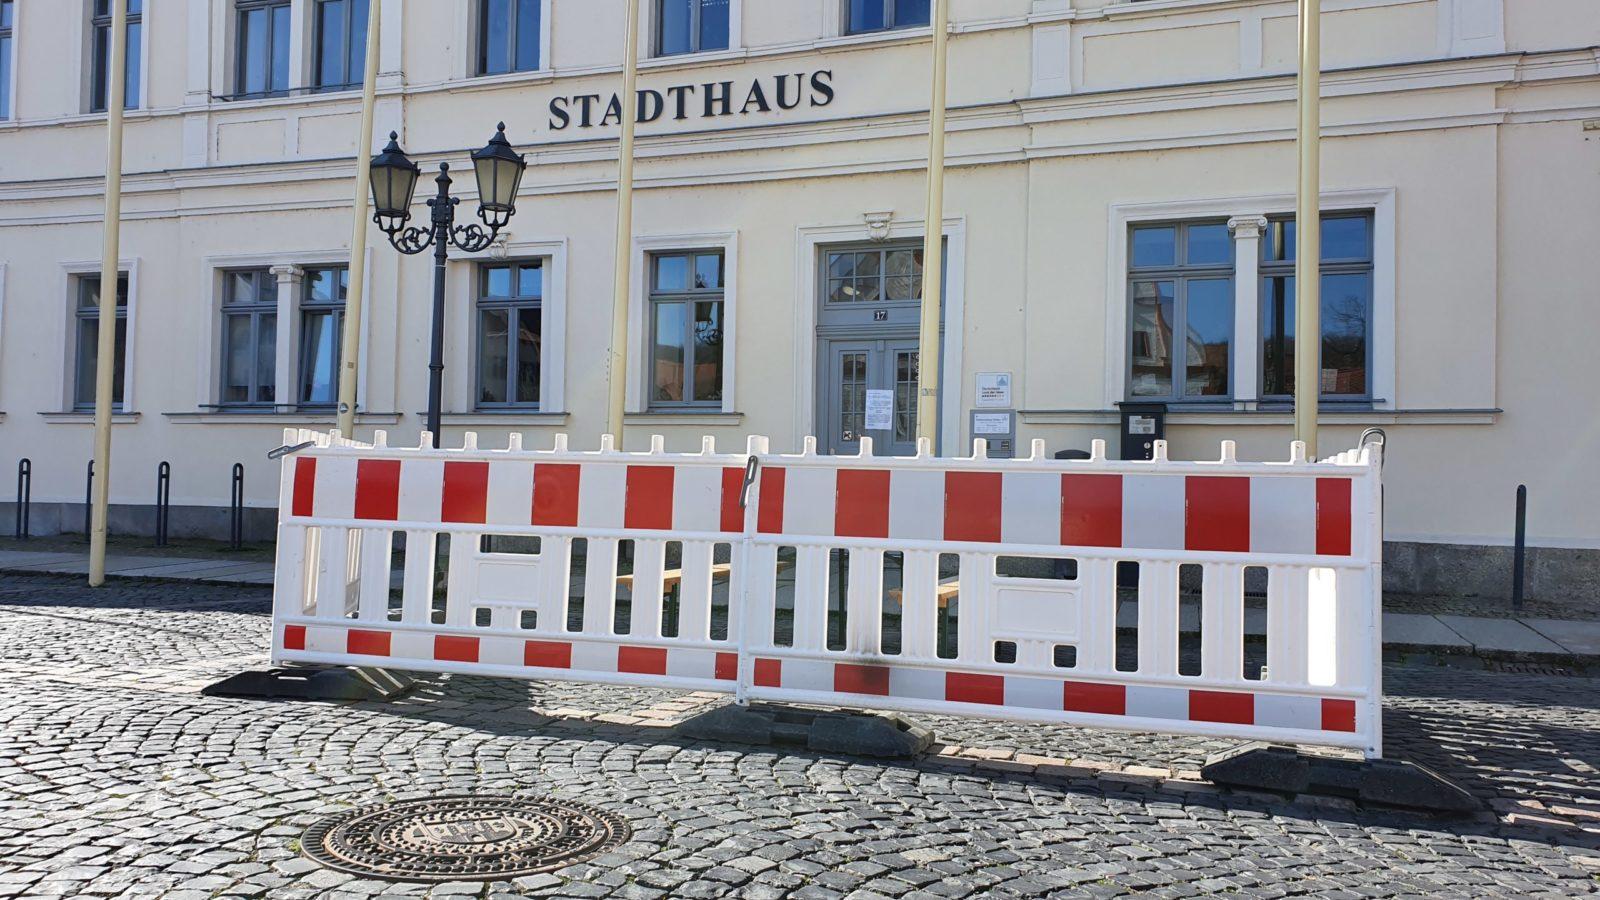 Außenwartebereich vor dem Stadthaus in Grimma